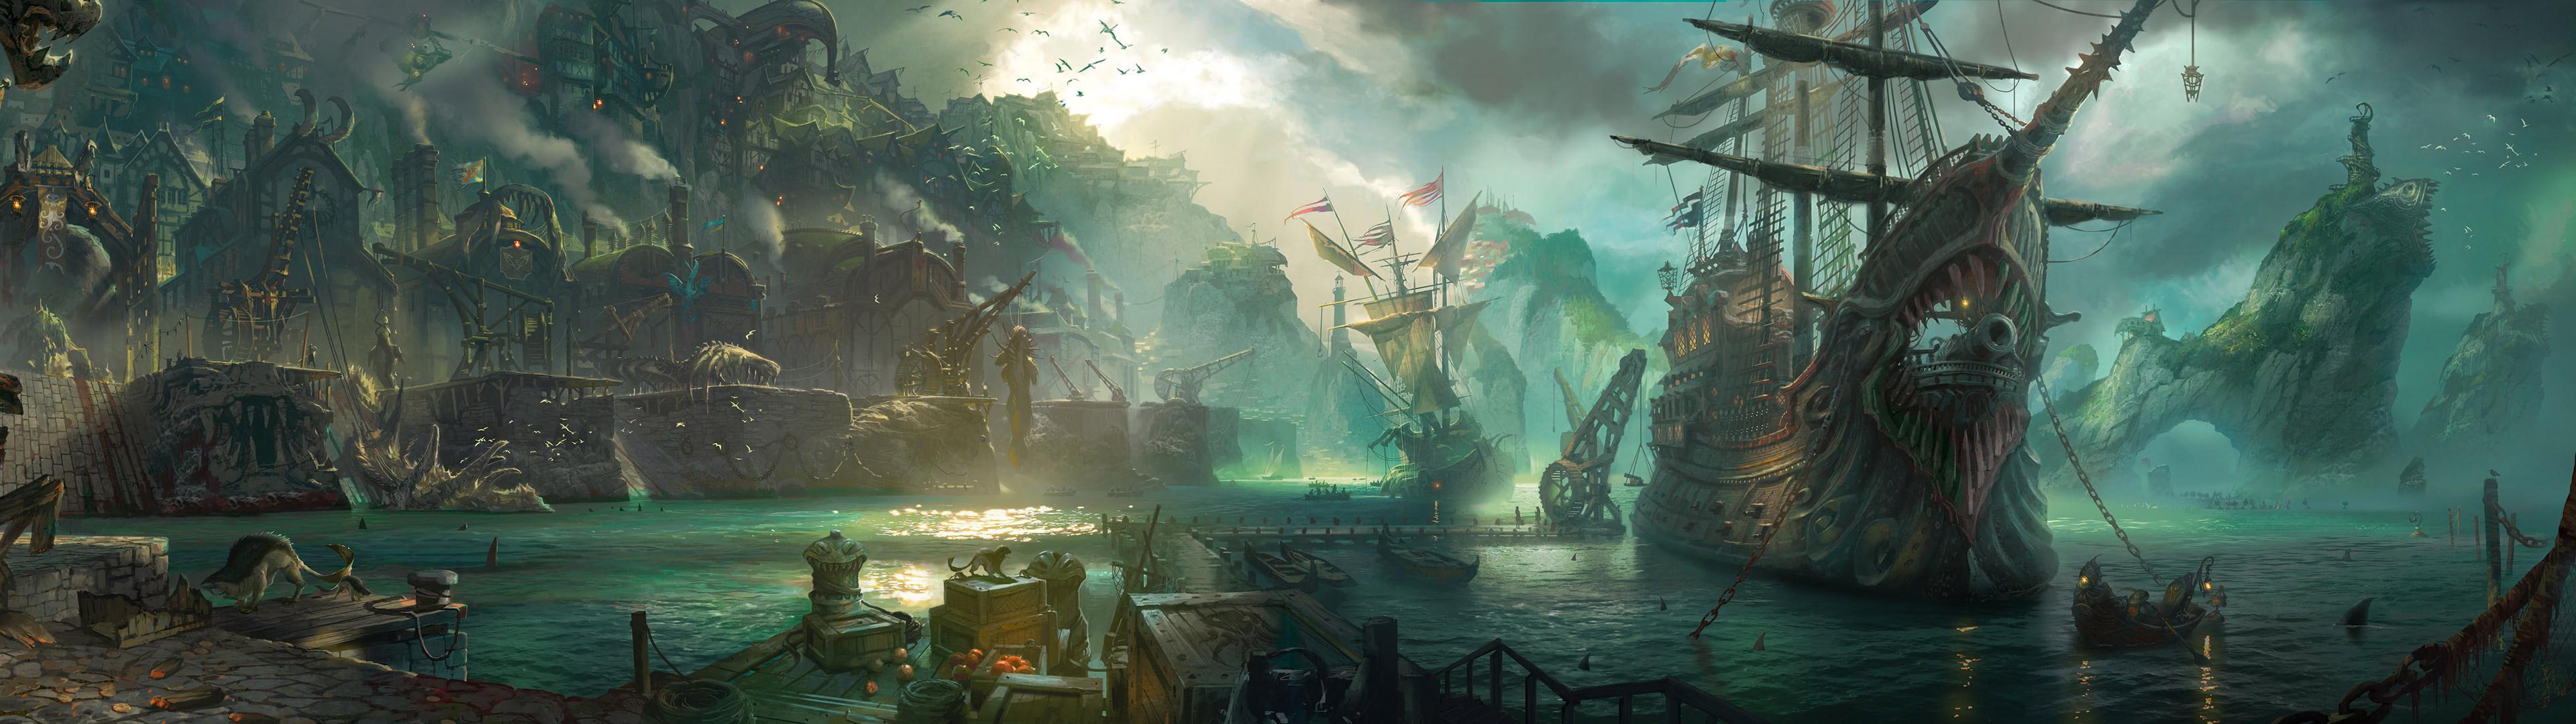 HD Wallpaper | Hintergrund ID:610093. Computerspiele …